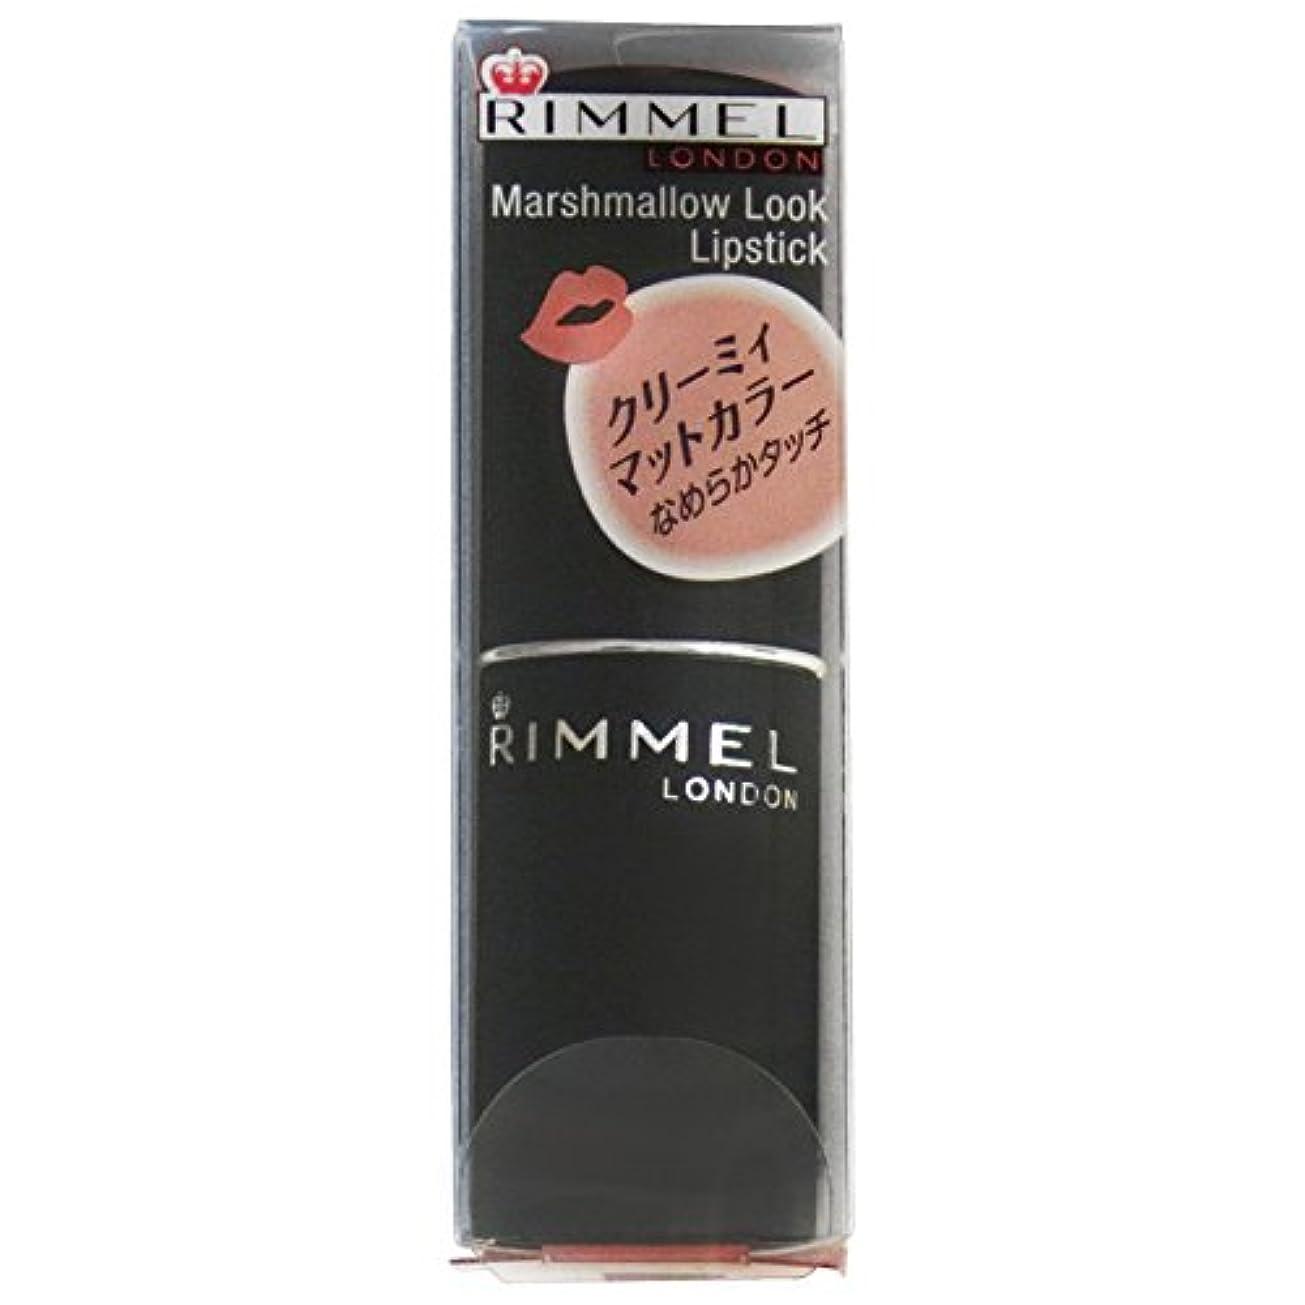 回復一般的に悪化するリンメル マシュマロルック リップスティック 025 レディッシュブラウン 3.8g